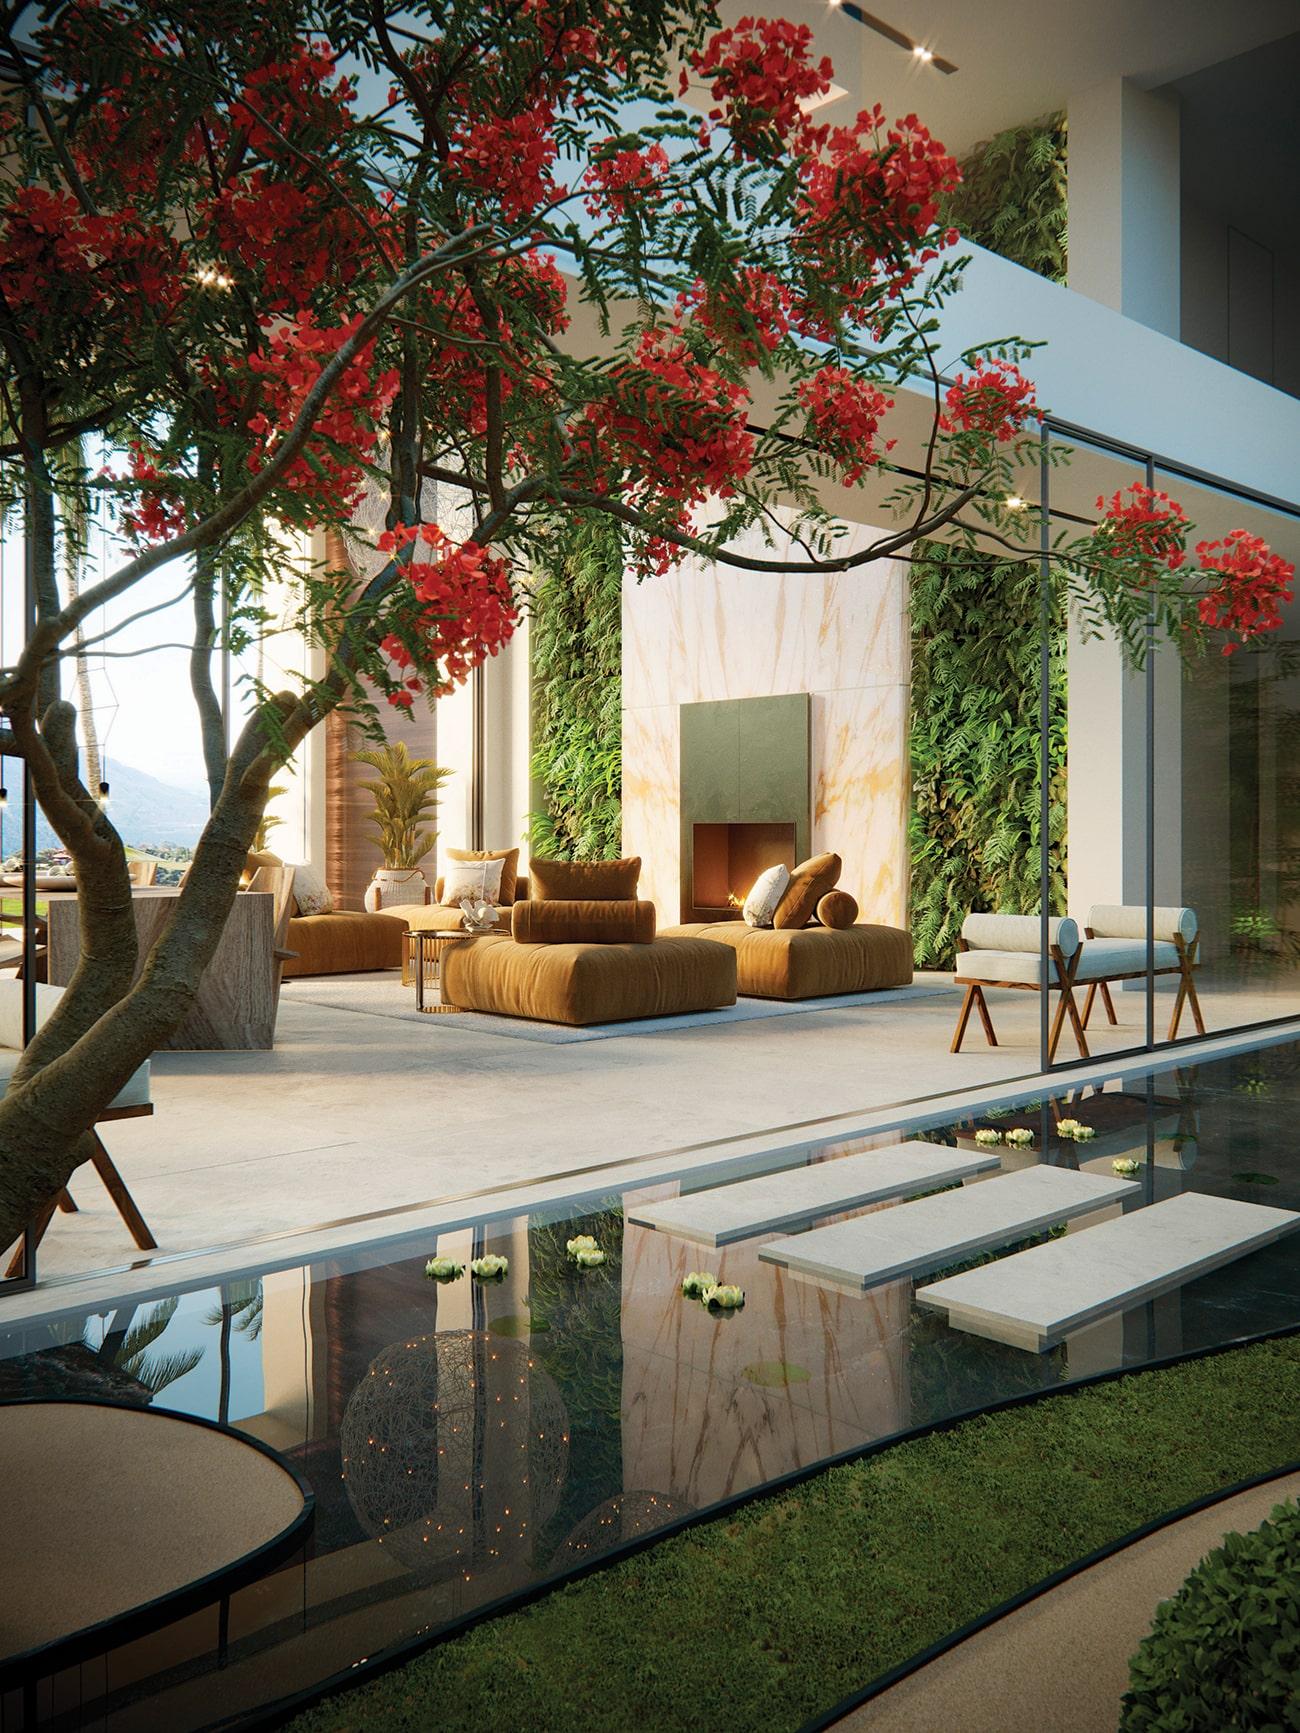 Interiorismo lujuoso: UDesign una empresa de proyectos en Marbella interiorismo lujuos Interiorismo lujuoso: UDesign una empresa de proyectos en Marbella 1 nagueles gallery min